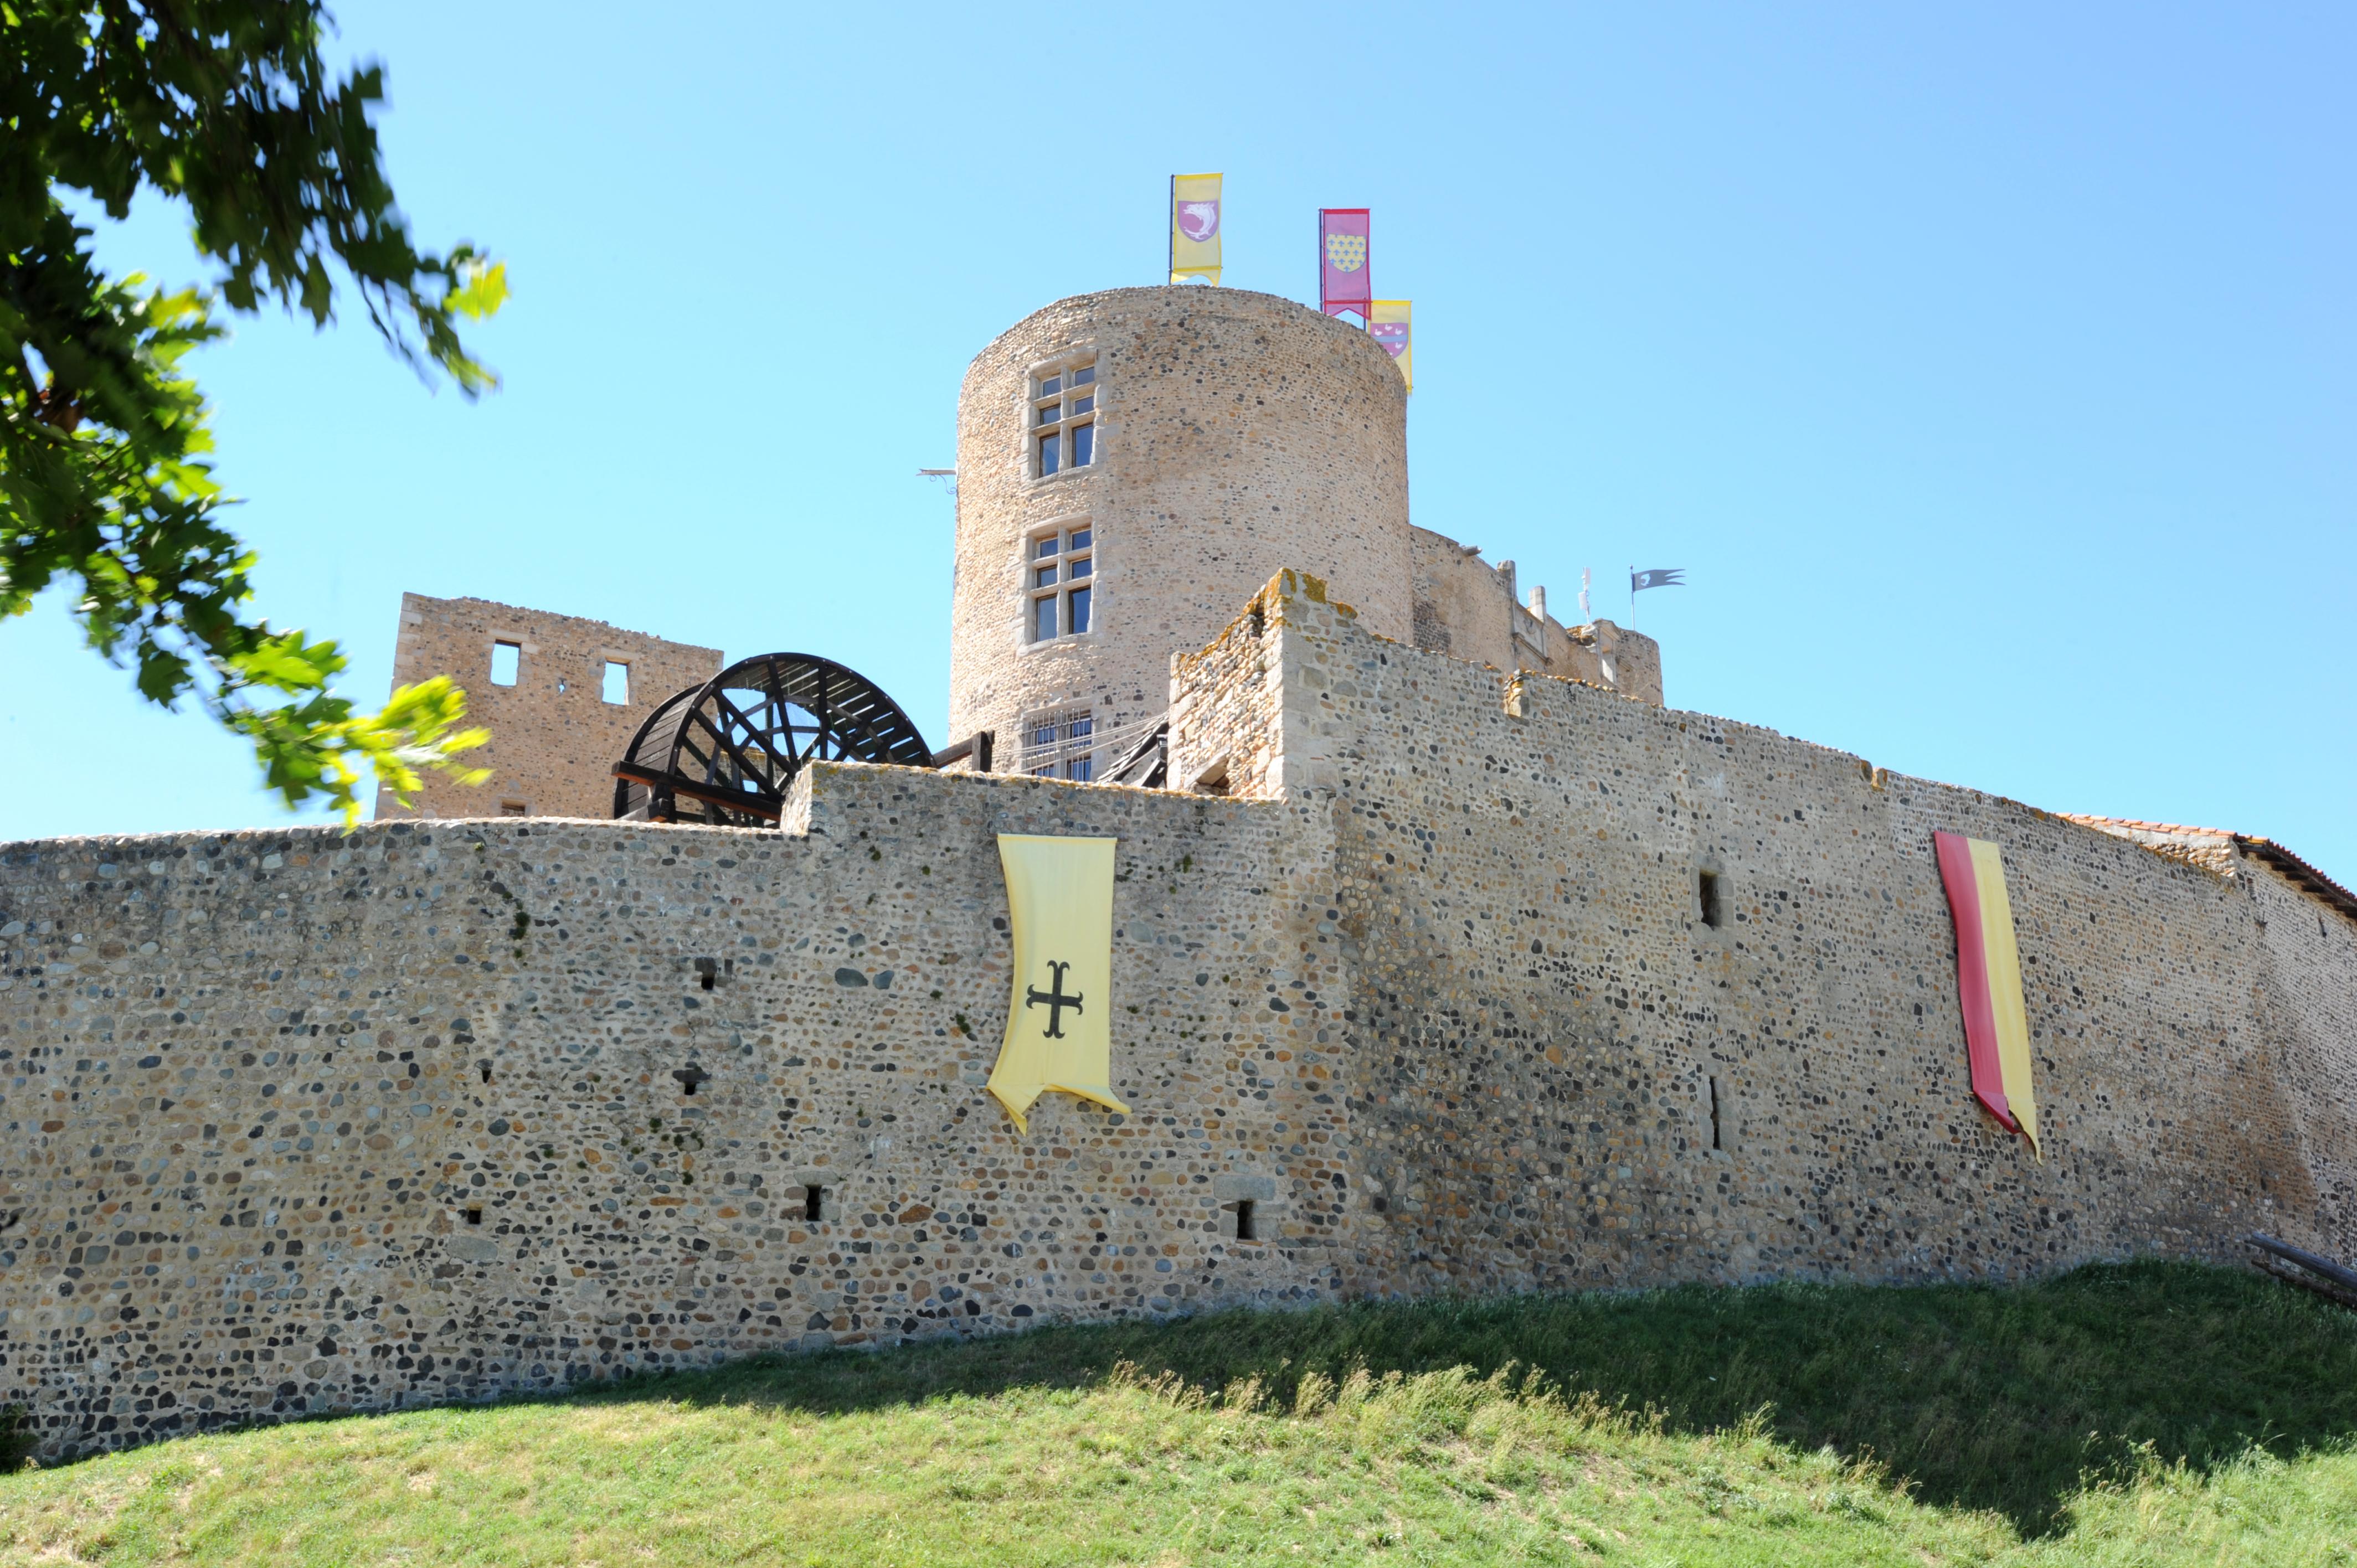 Location de salle Chateau Montrond Les Bains (Loire - 42)